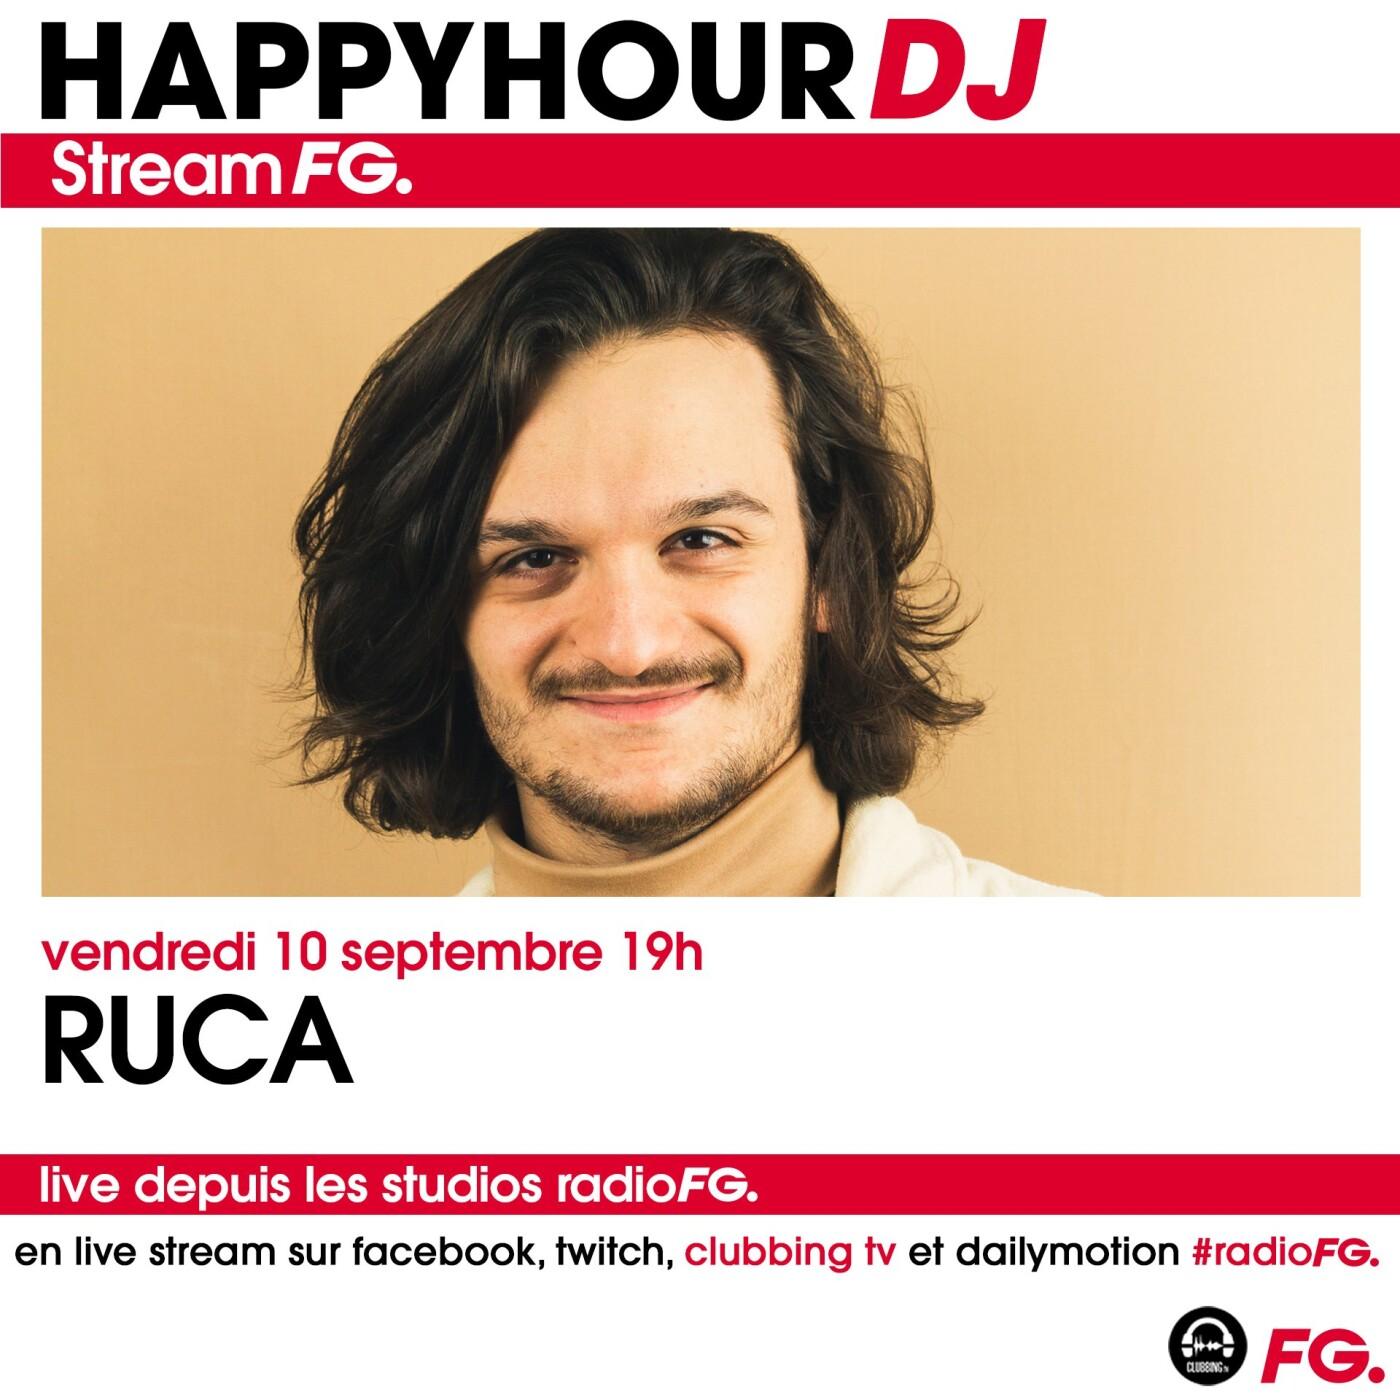 HAPPY HOUR DJ : RUCA